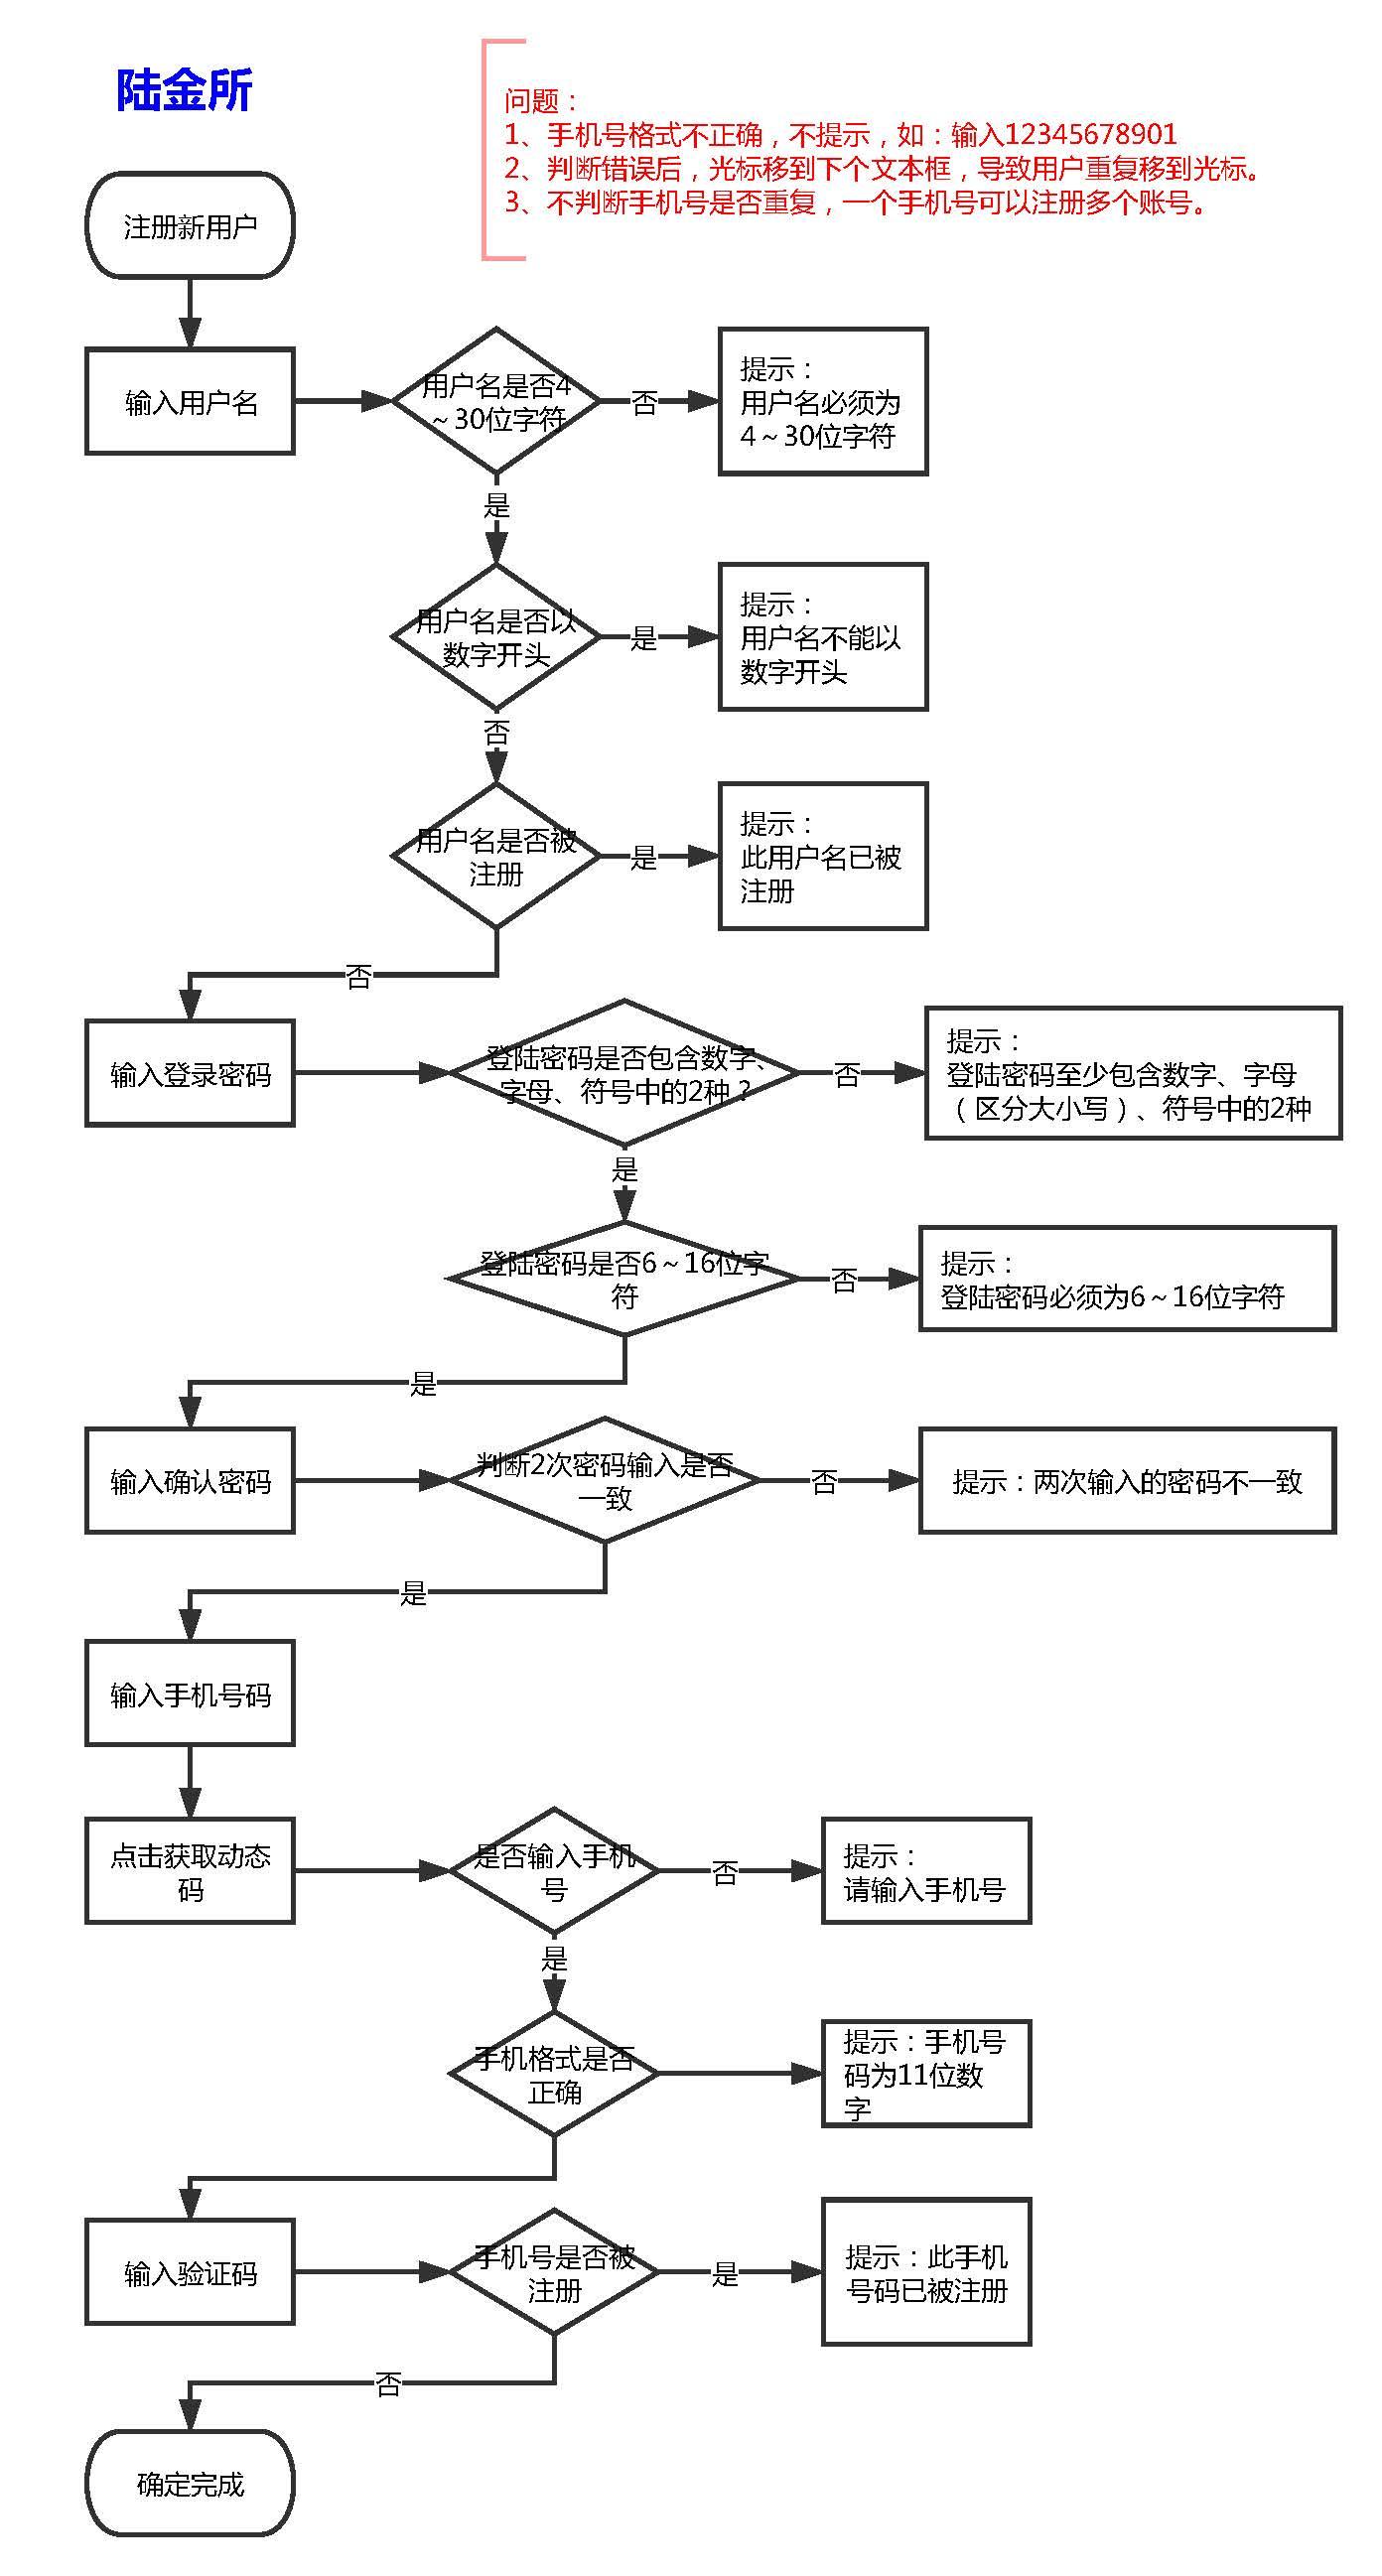 陆金所注册流程